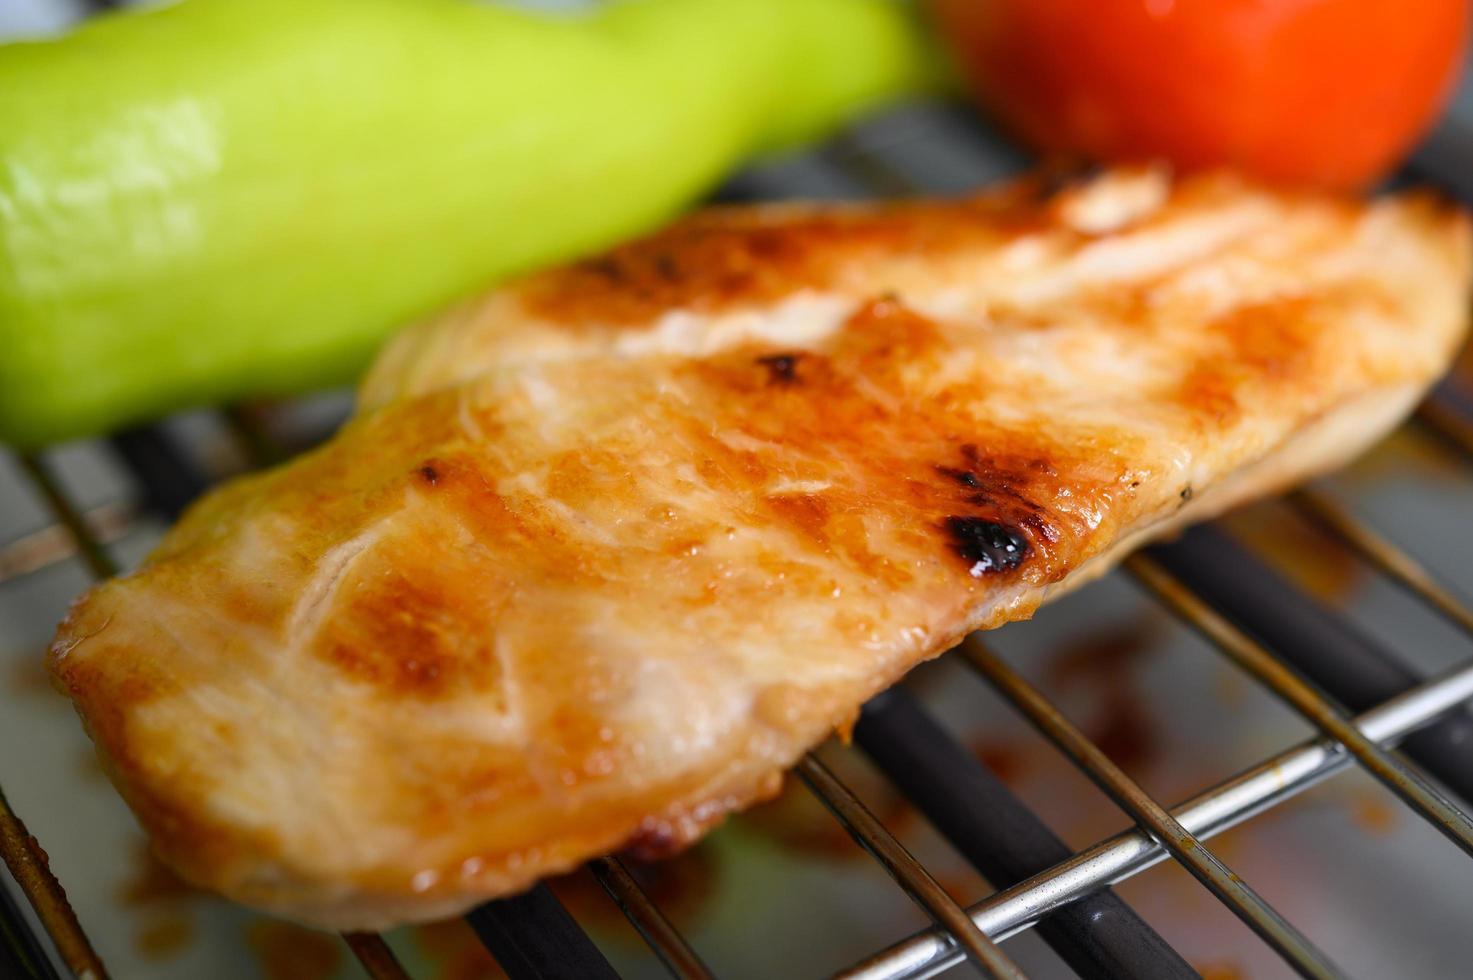 Pechuga de pollo a la plancha sobre una parrilla eléctrica con pimentón y tomate foto